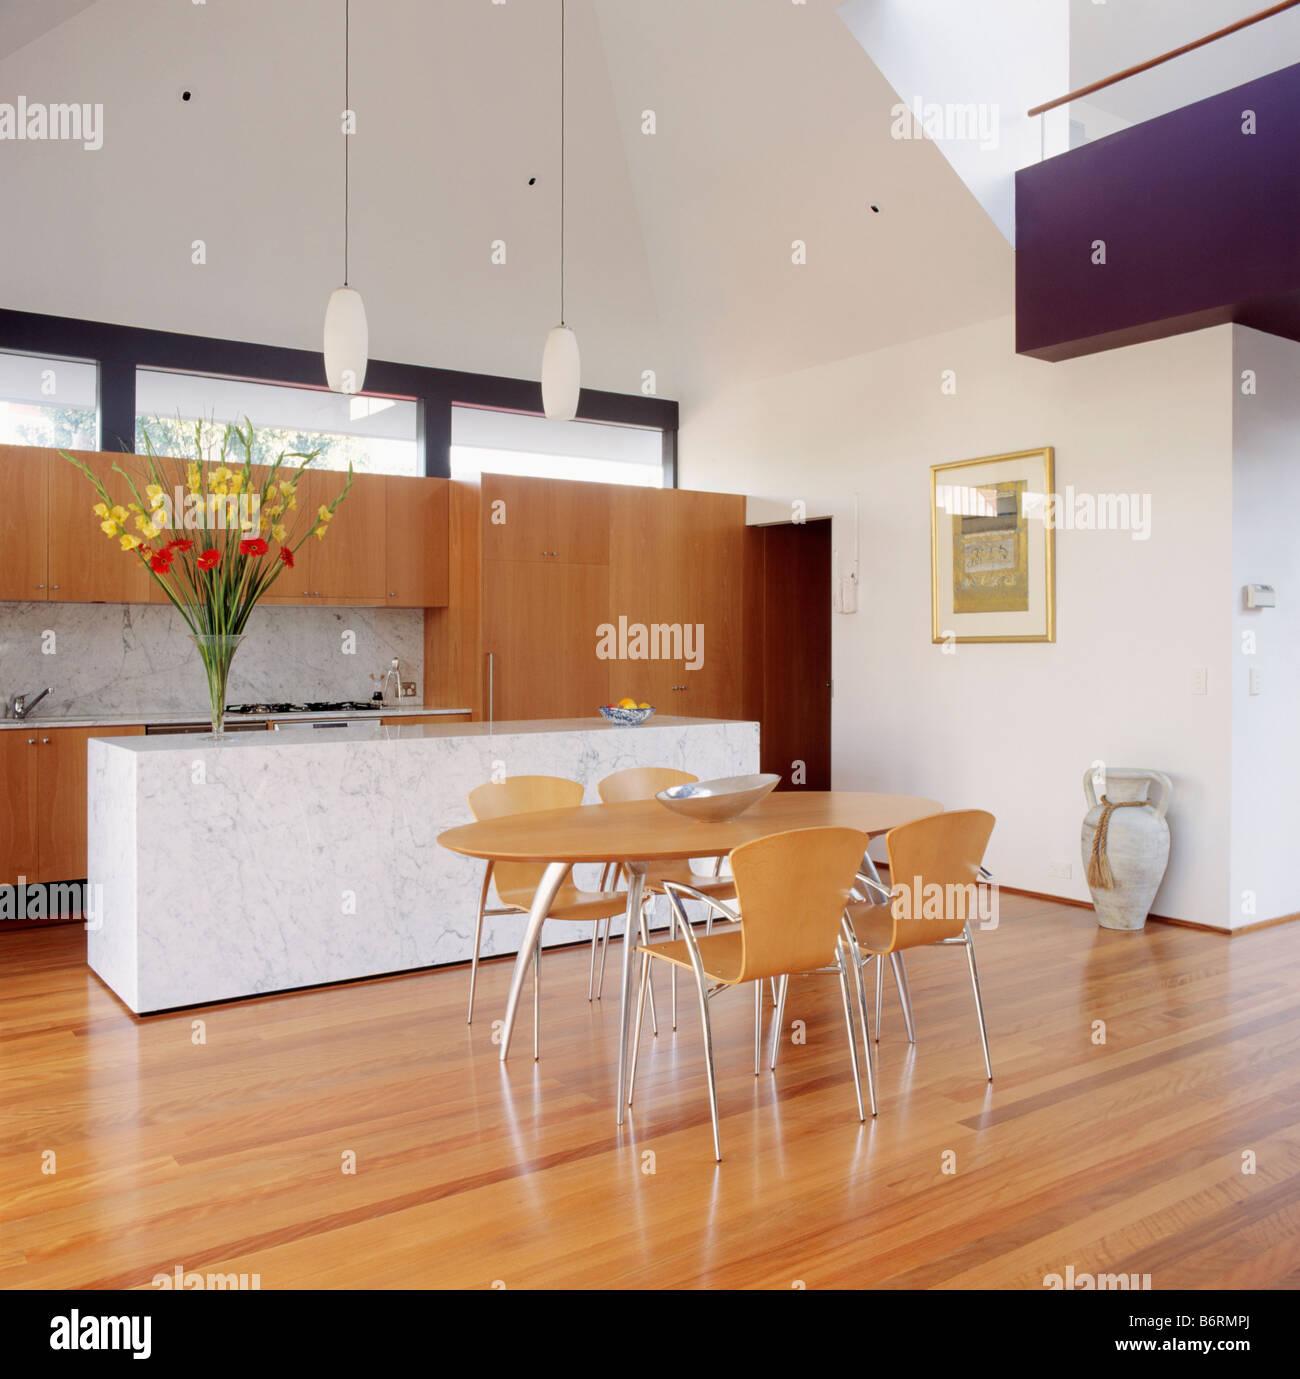 Sperrholz Stühle Und Tisch In Moderne Offene Küche Mit Holzboden Und Marmor  Verkleidet Insel Einheit